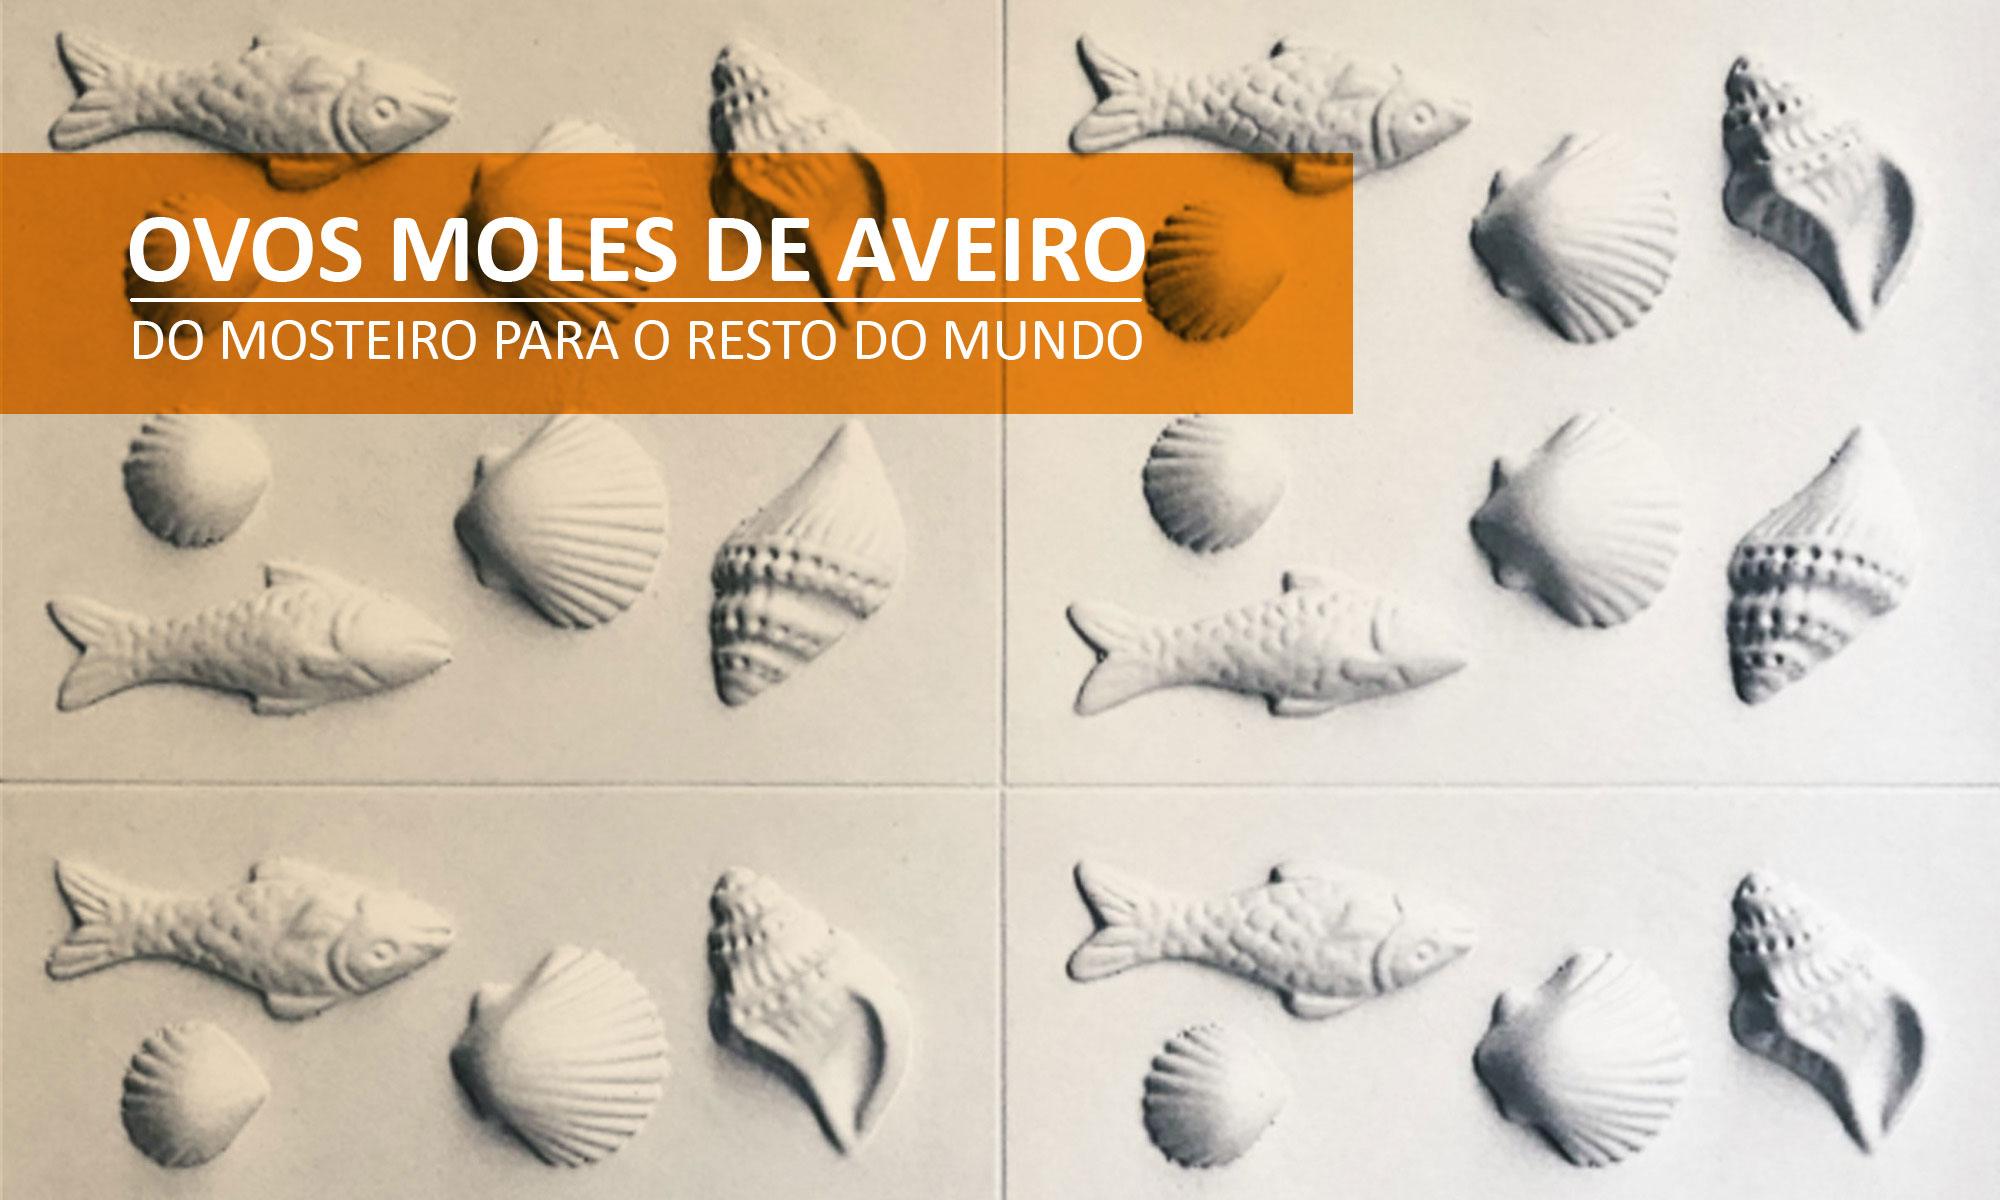 Ovos-moles-aveiro